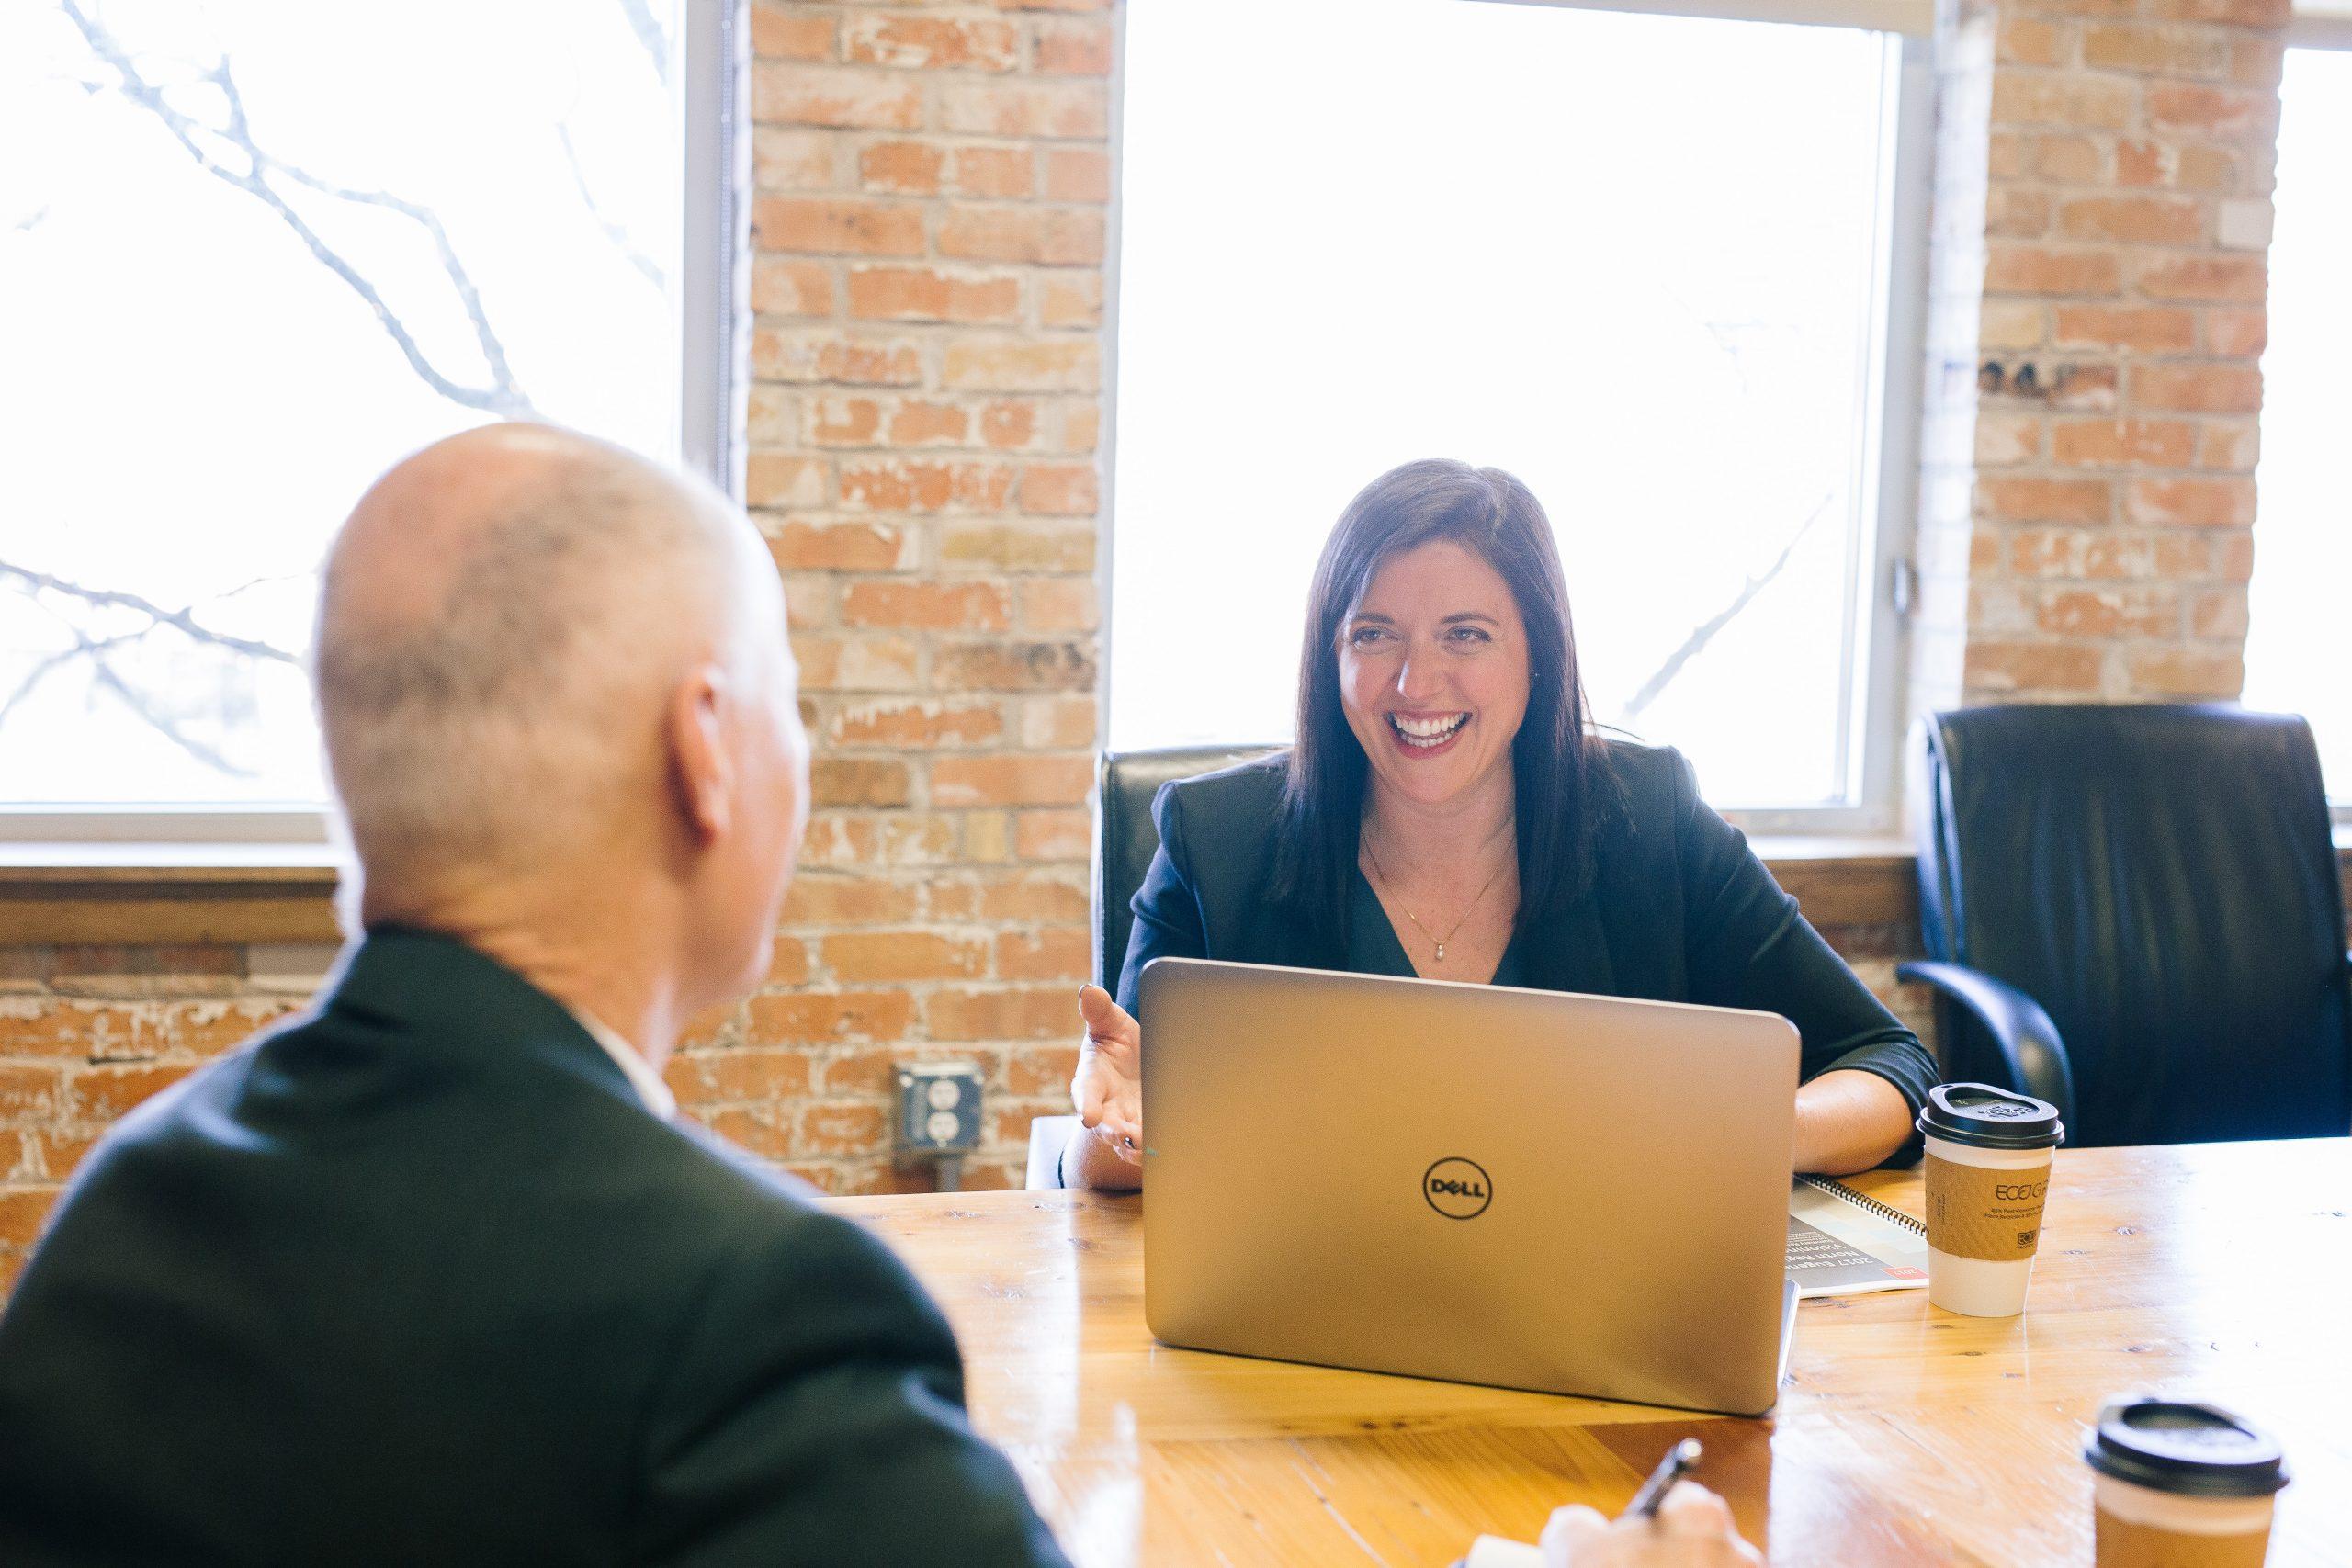 Las preguntas que puedes hacer (y las que no) en una entrevista de trabajo